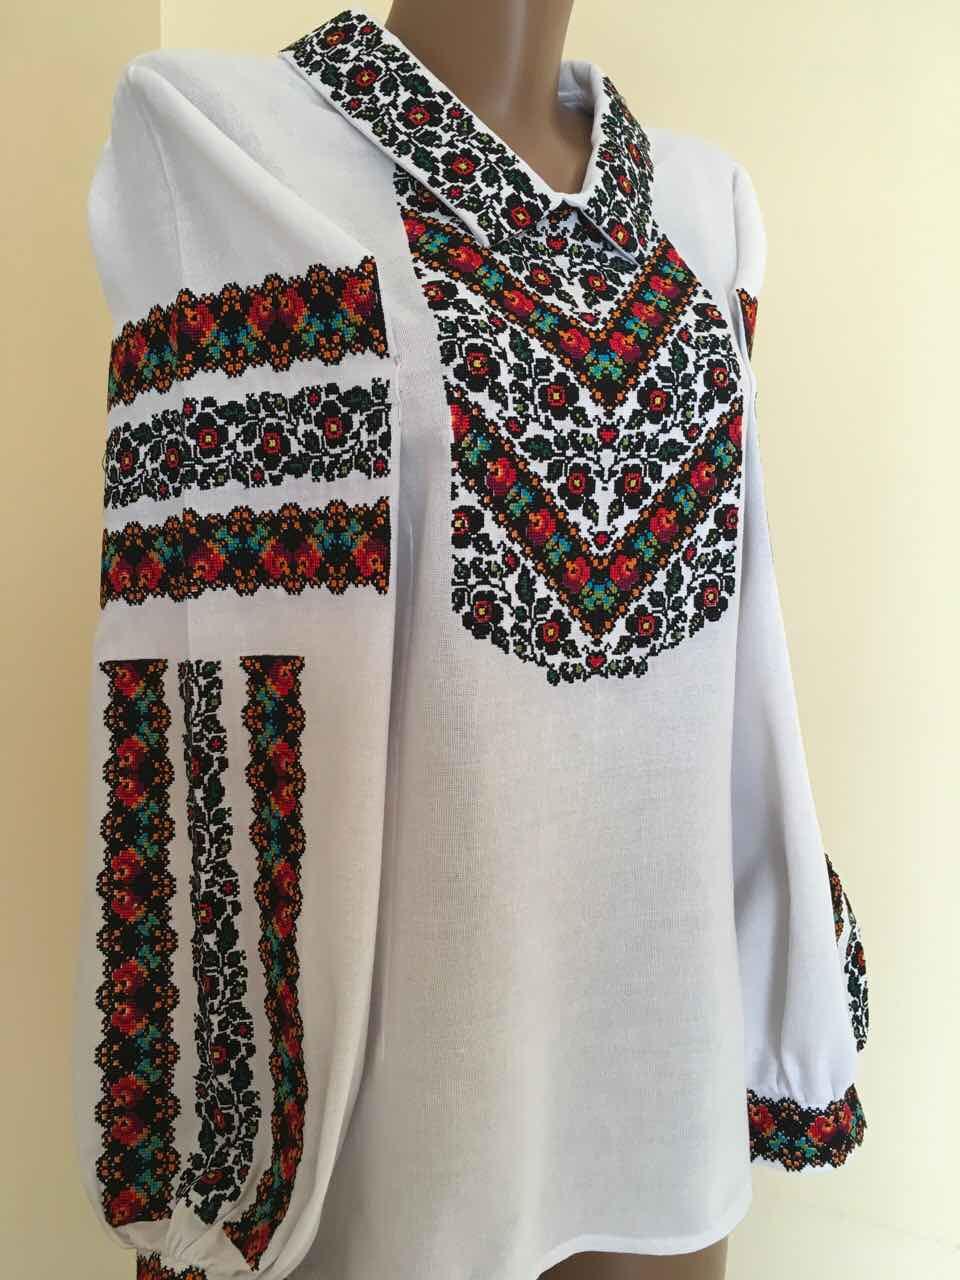 Жіноча вишиванка біла домоткане полотно Борщівська розмір 42-44 (S-M) -  Скарбниця Карпат d4722bae4a68e